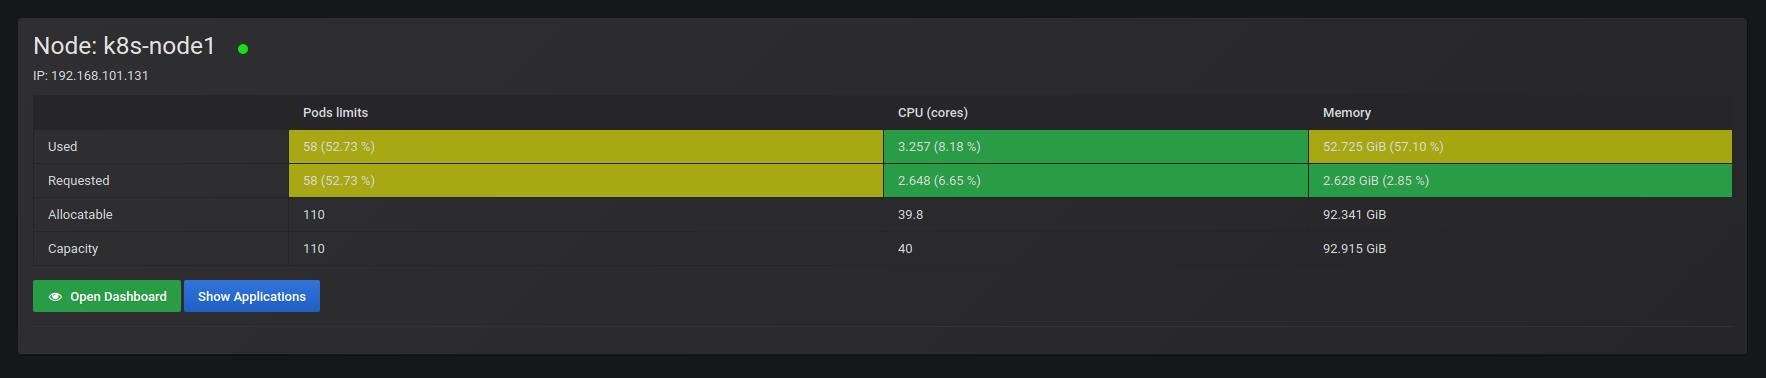 Плагин для мониторинга K8s-приложений DevOpsProdigy KubeGraf v1.3.0: новый релиз и новые фичи - 4